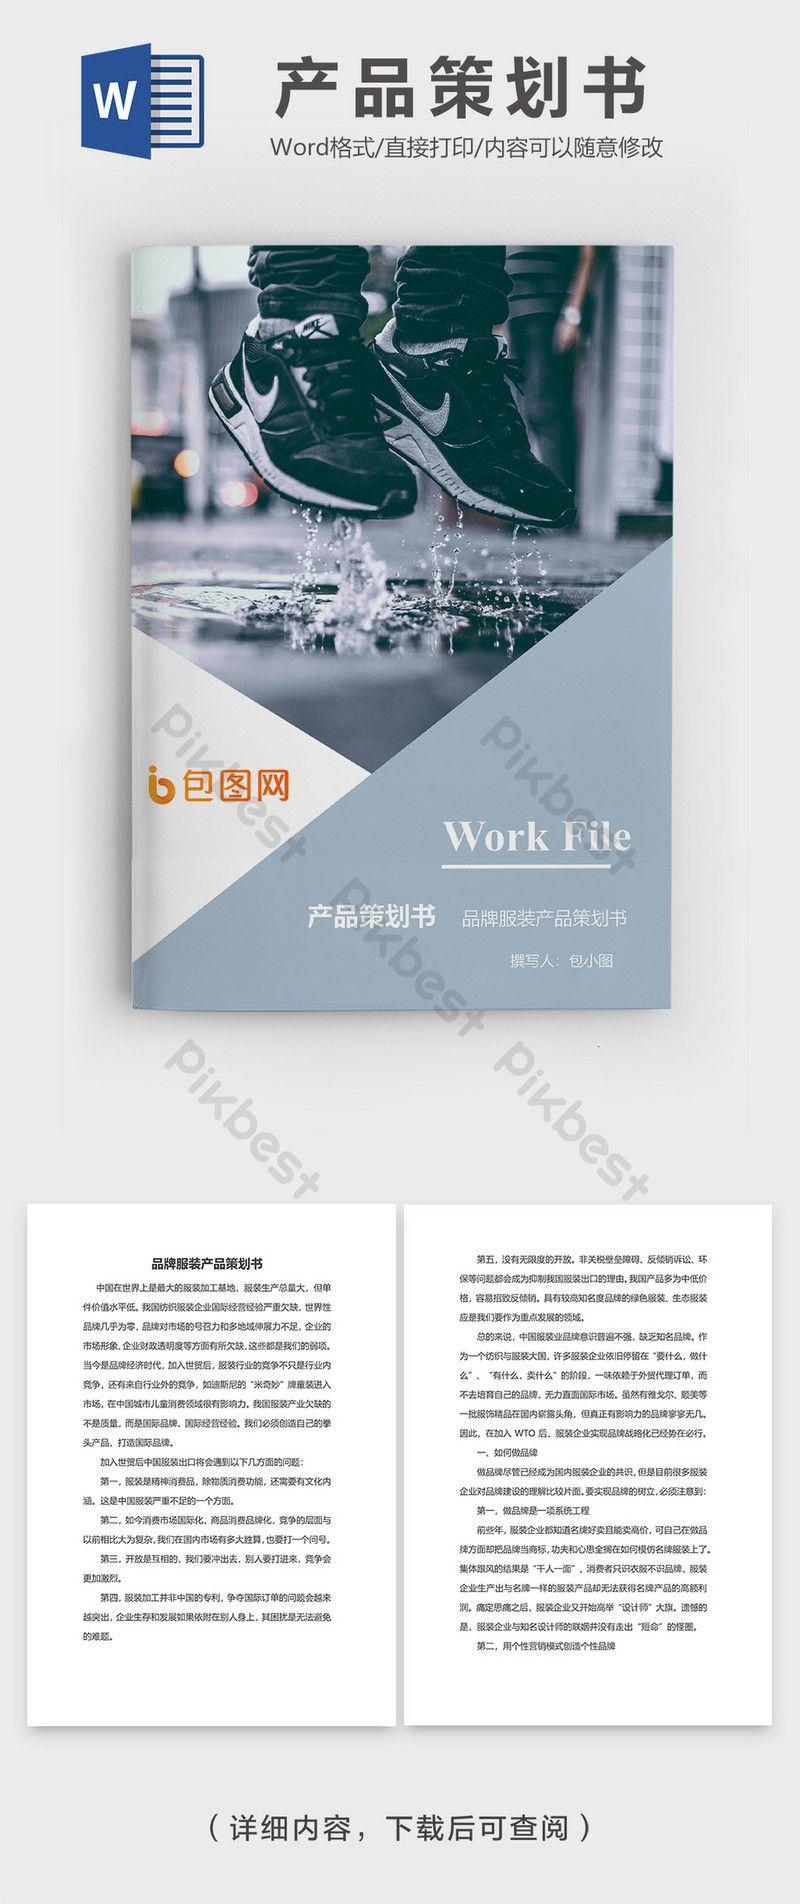 العلامة التجارية الملابس والمنتجات تخطيط الوثائق وورد قالب غلاف الكتاب Word Docx تحميل مجاني Pikbest Word Template Templates Words